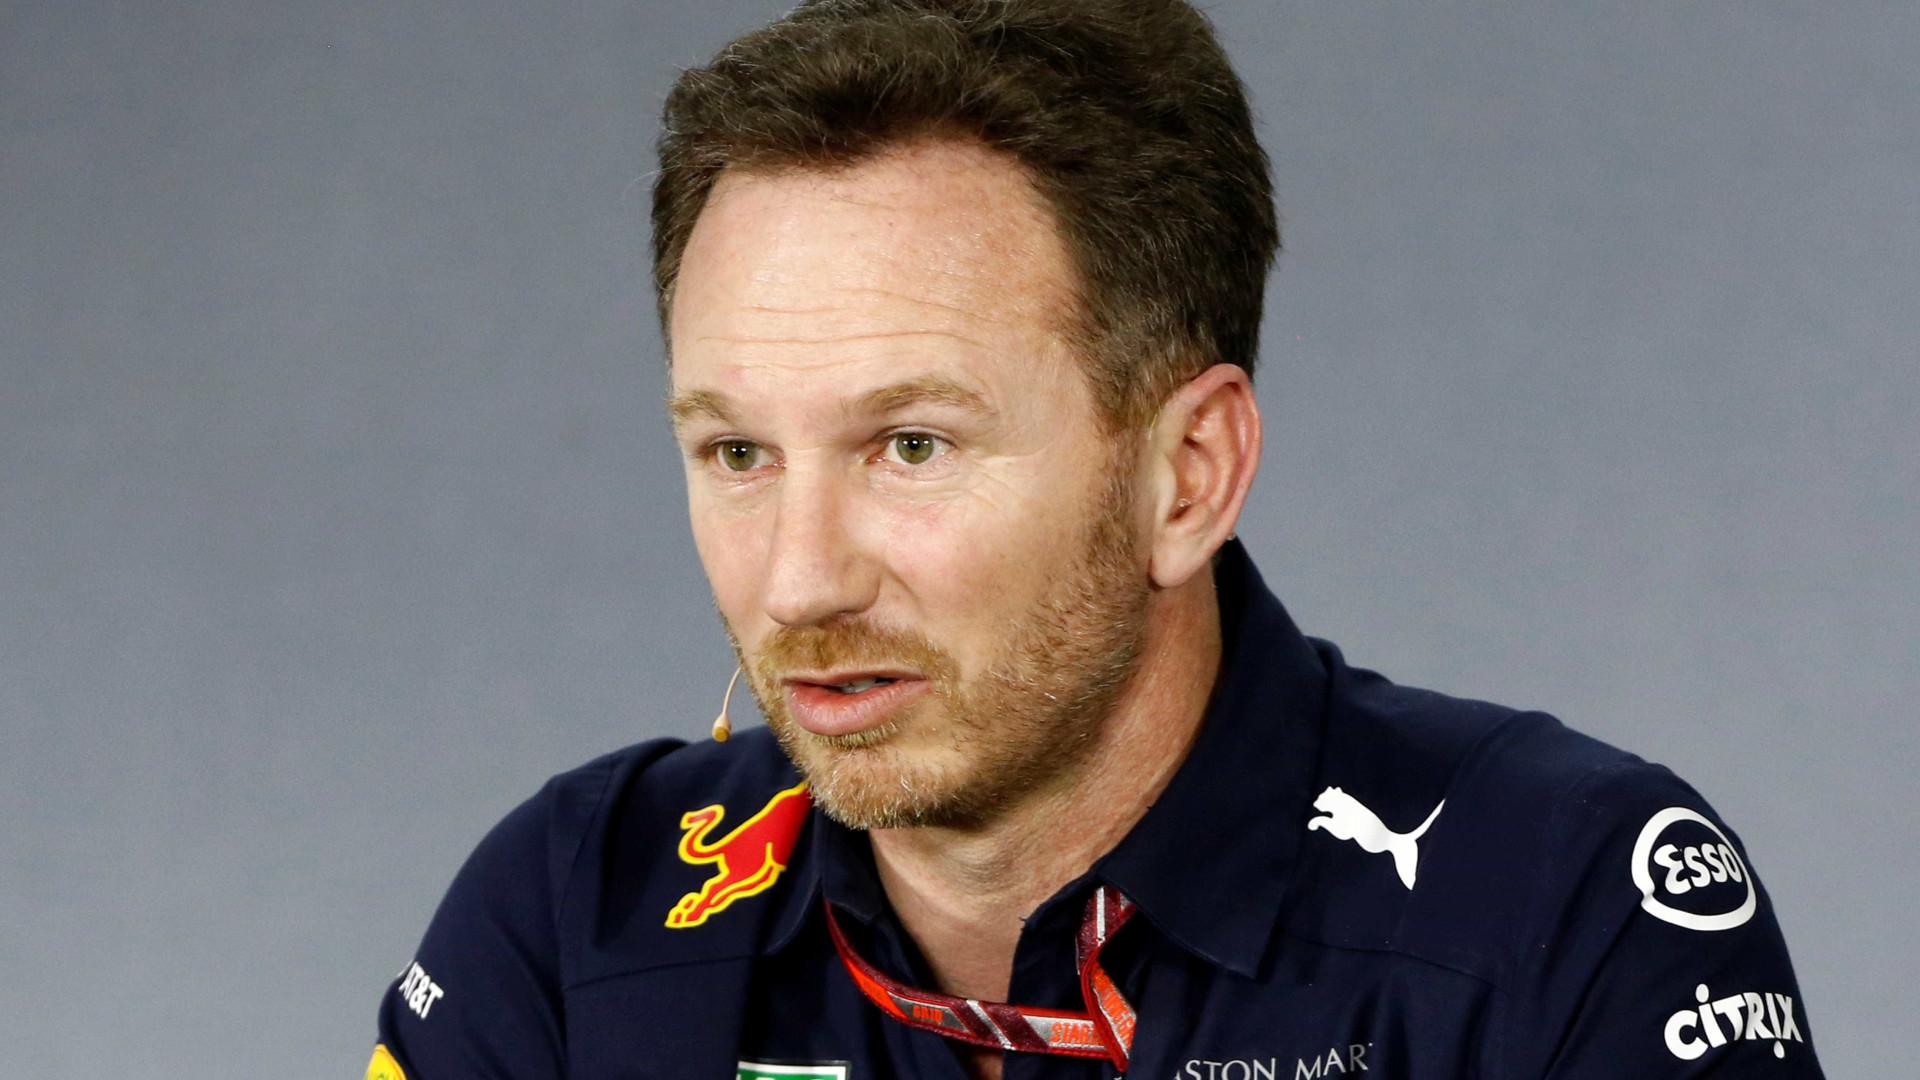 Chefe da Red Bull descarta contratação de Alonso para vaga de Ricciardo